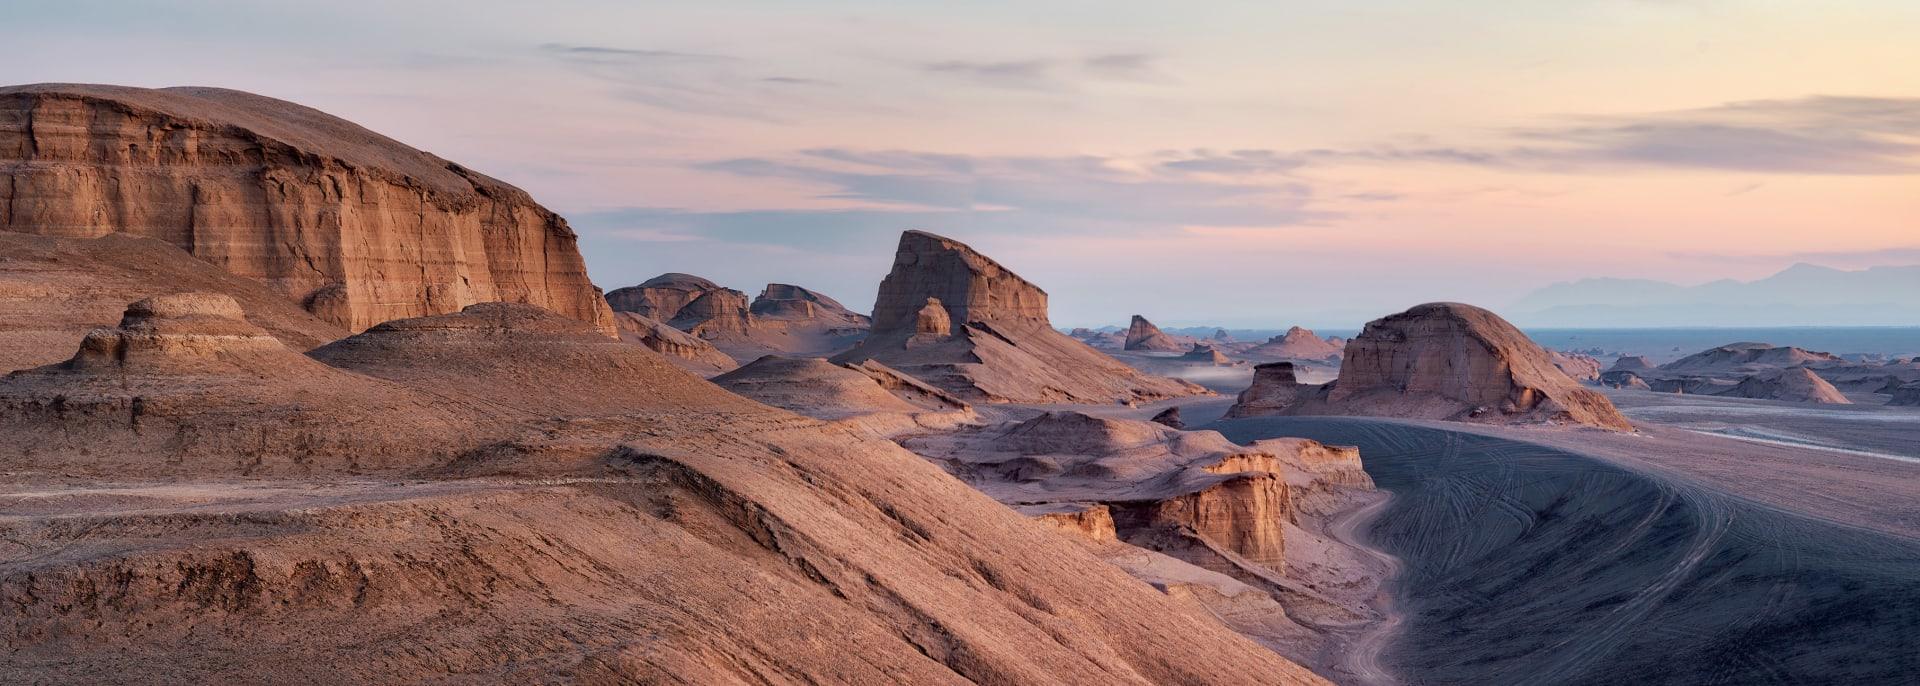 Lut Wüste, Iran